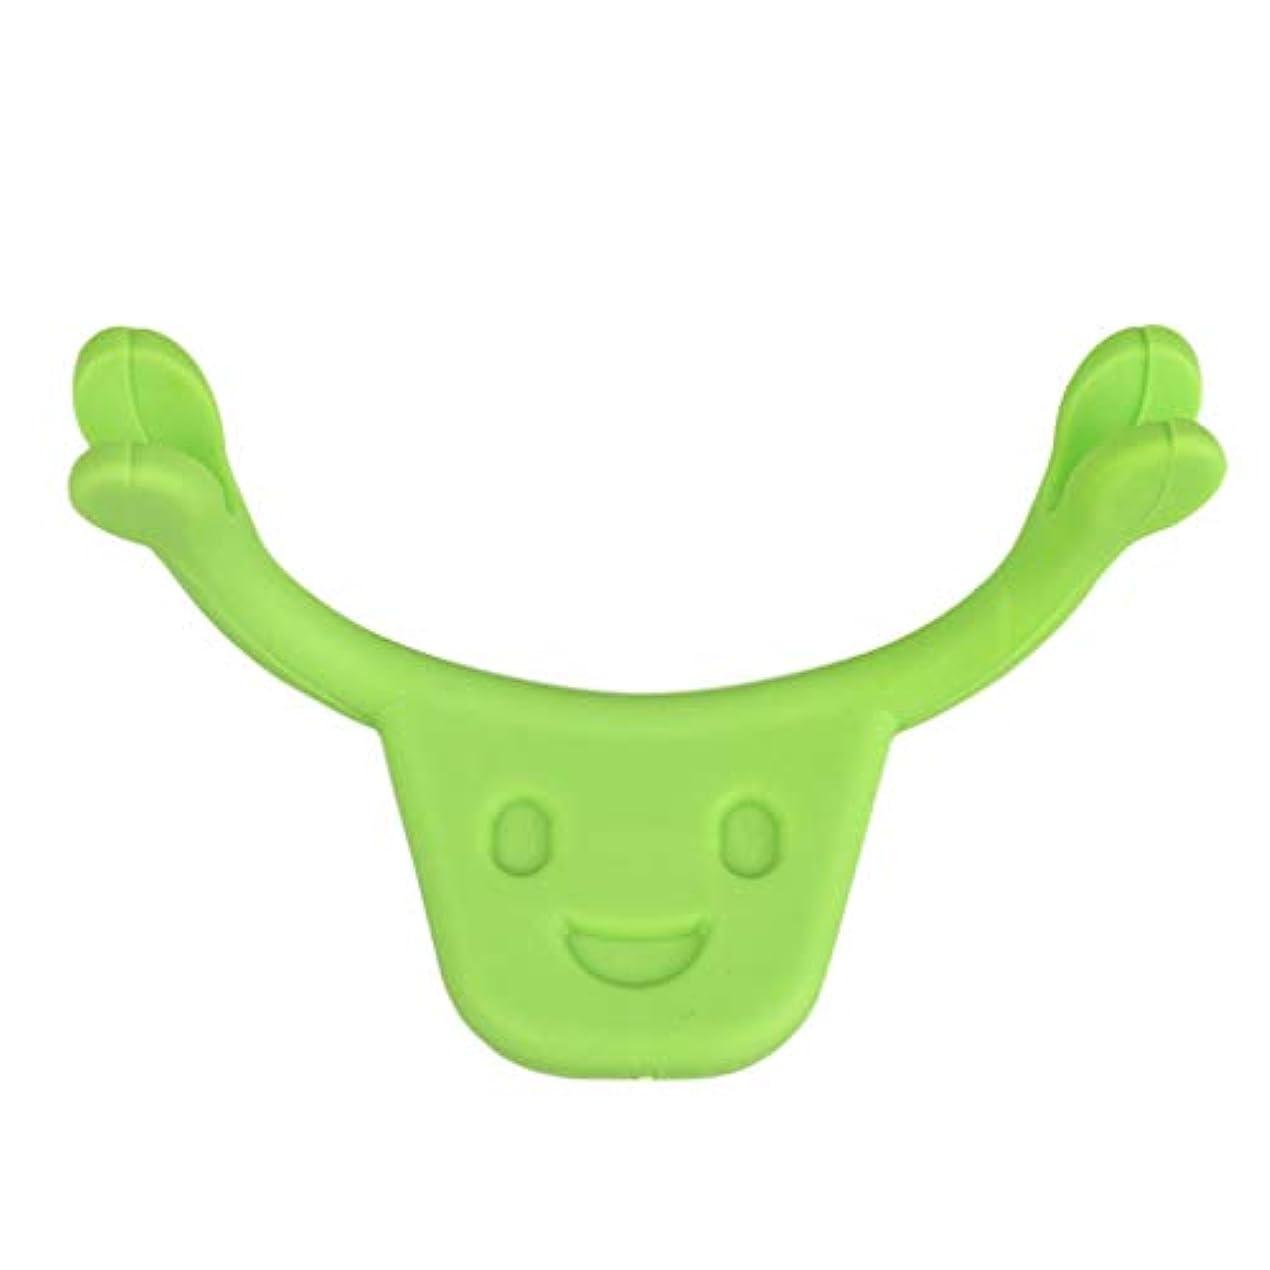 海外本部行為表情筋 トレーニング 小顔 ストレッチ 笑顔 トレーニング器具 フェイスエクササイズ ツール 全2色 - 緑